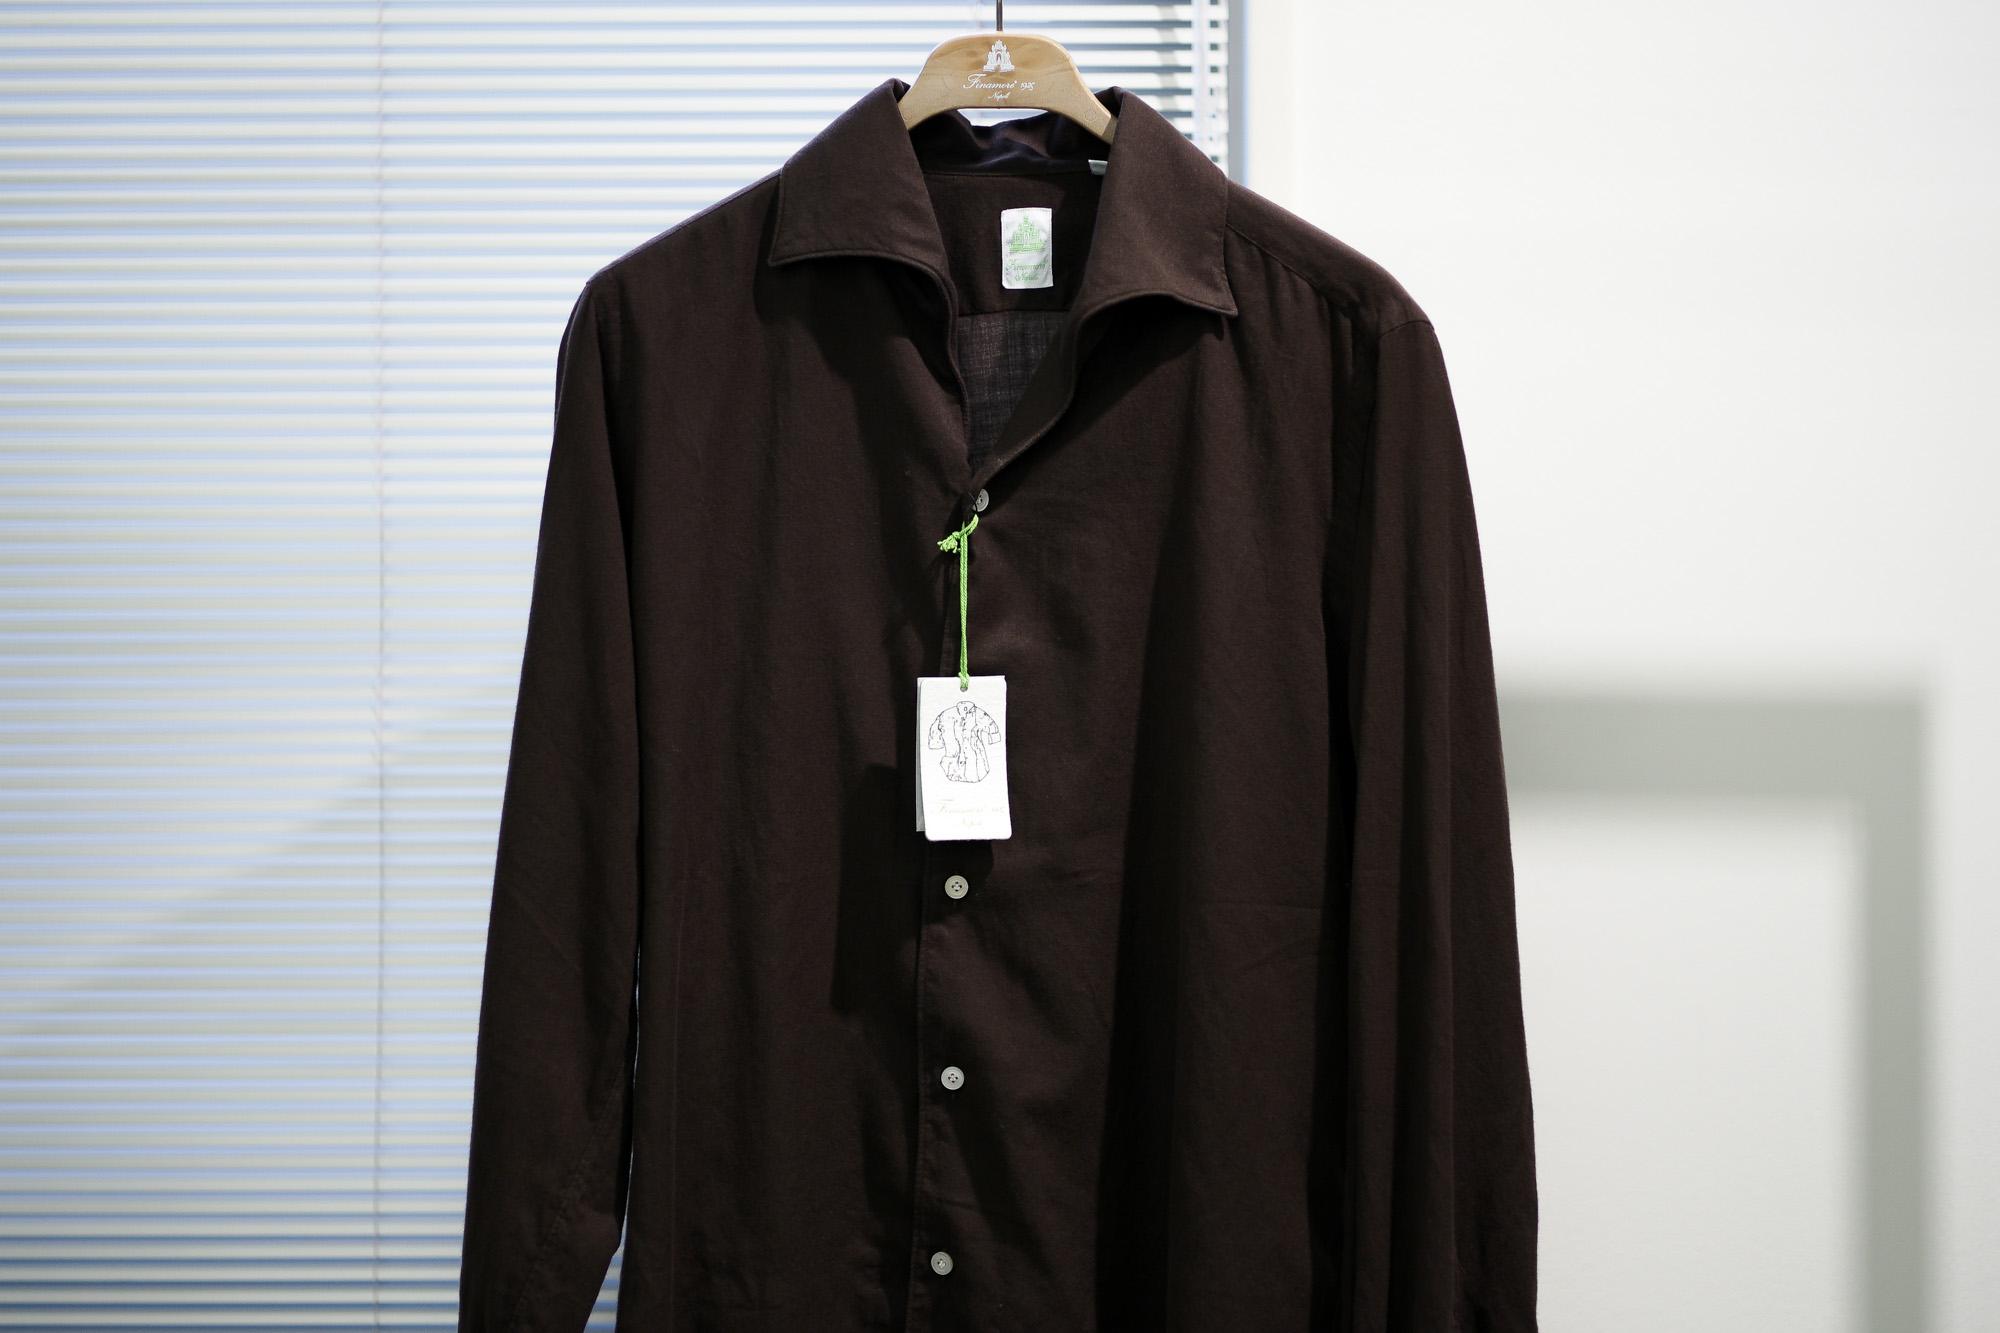 Finamore / フィナモレ (2020 秋冬 メイン 展示会) シャツ ワンピースカラーシャツ デニムシャツ デニム Altoeriditto アルトエデリット